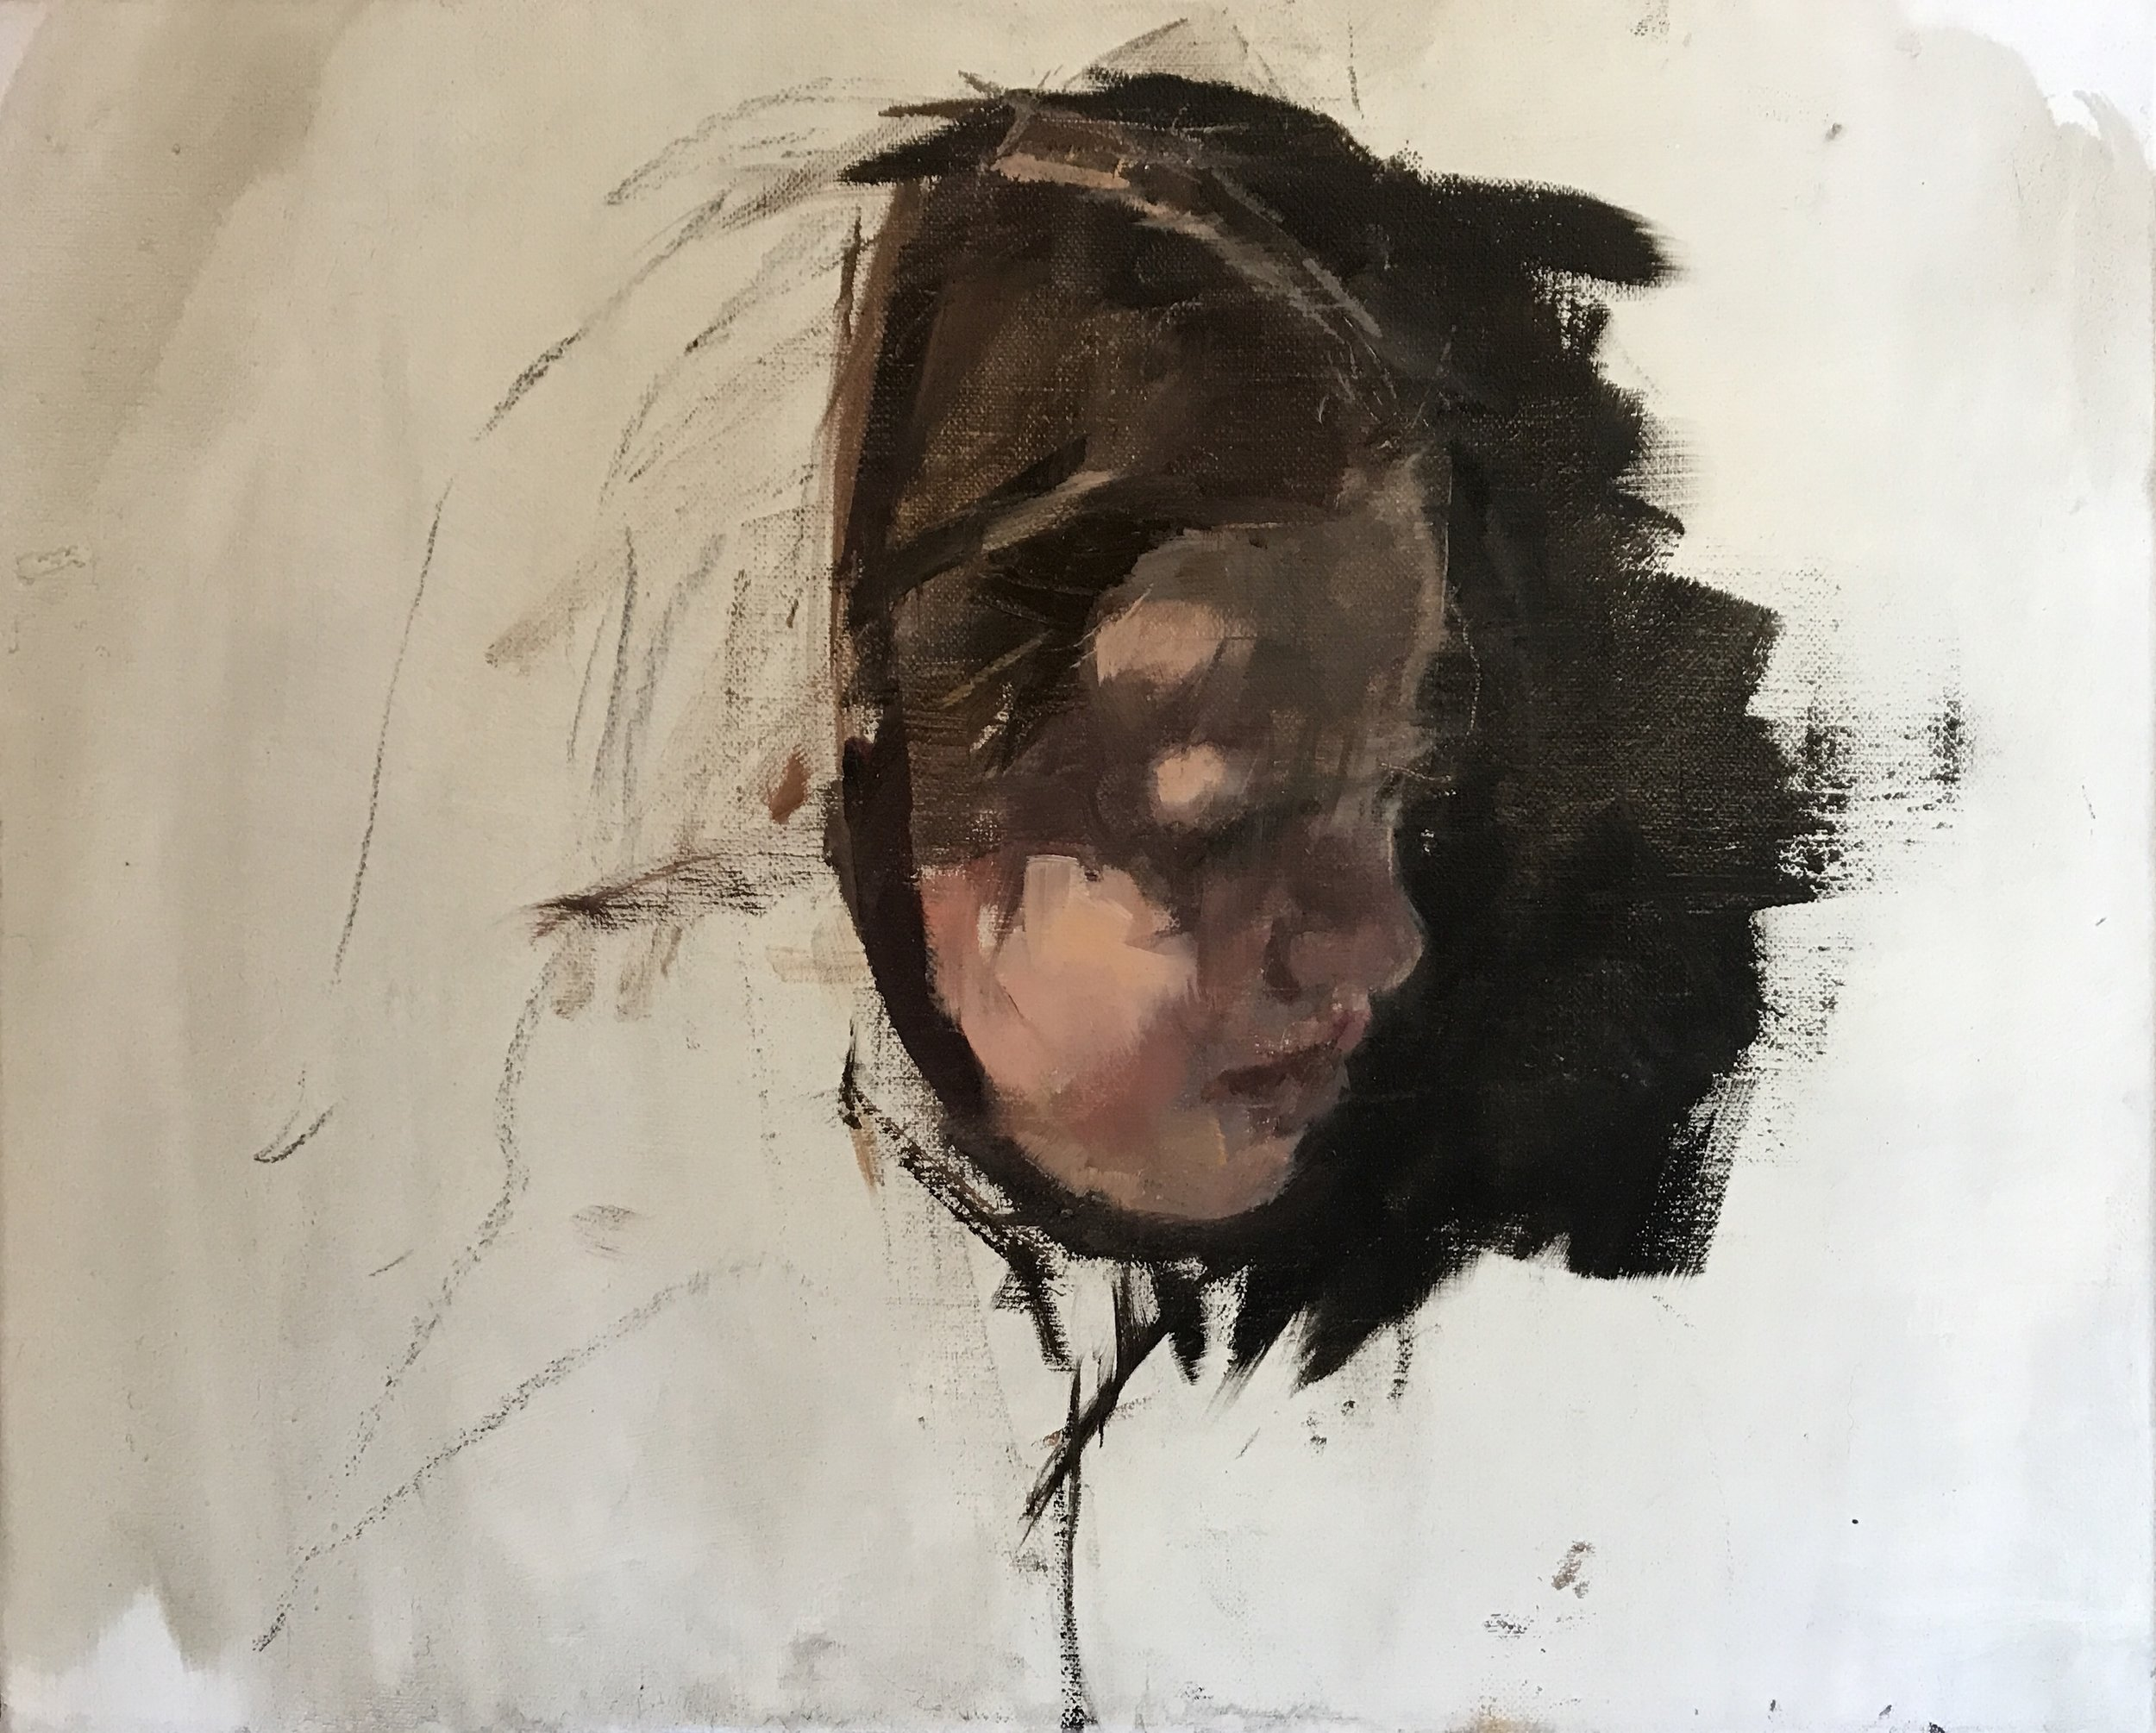 Martin-Brooks-Study-of-an-Amish-Girl-33cmx41cm-oil-on-linen-NEAC-2019.jpg